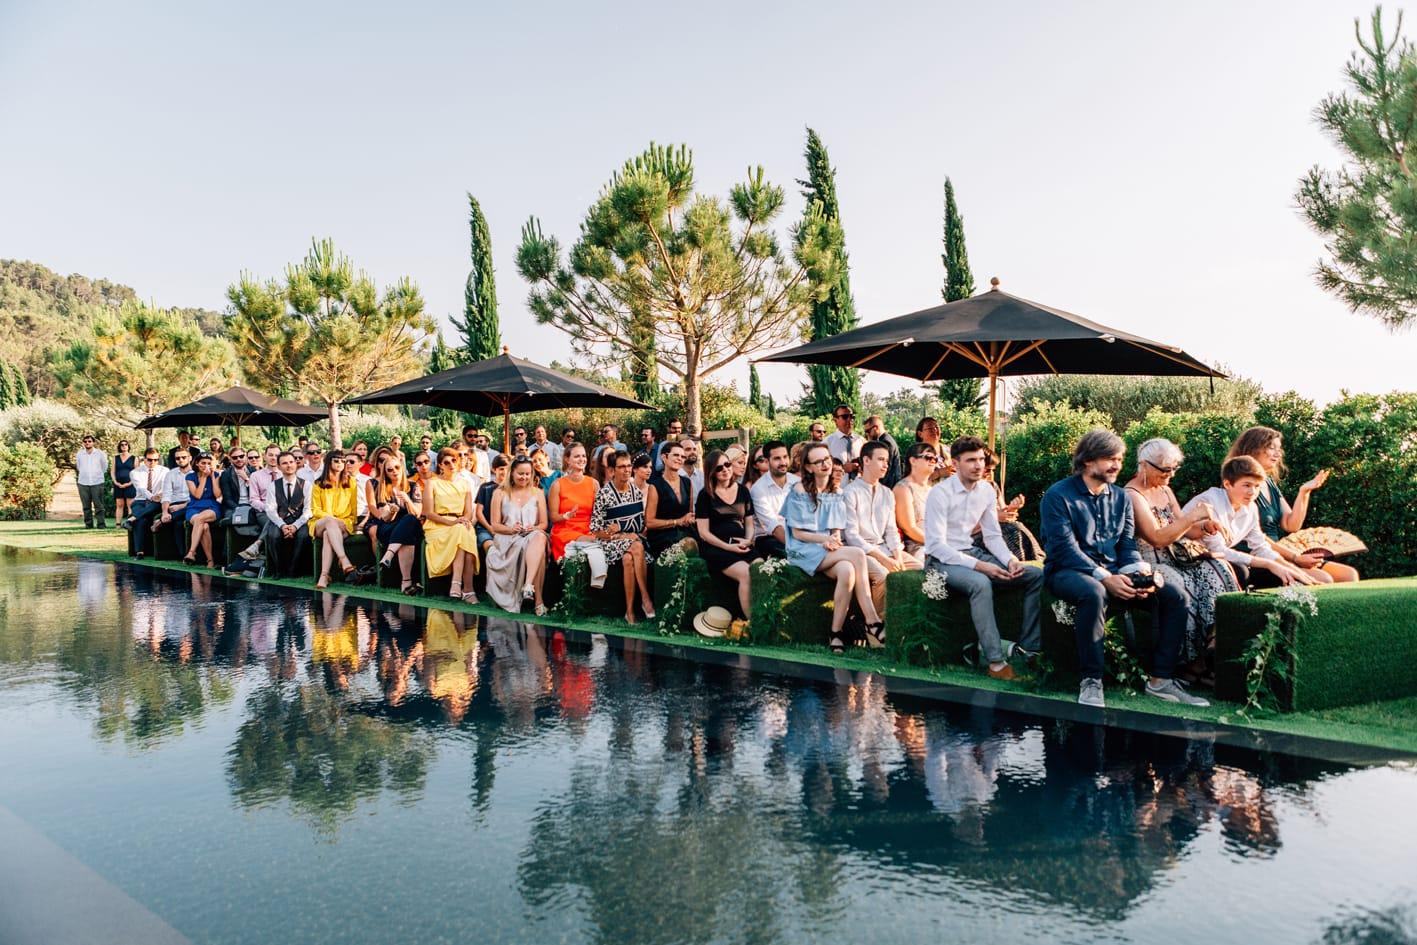 Pour une cérémonie, officiante de cérémonie laique - Blog mariage : la mariée aux pieds nus